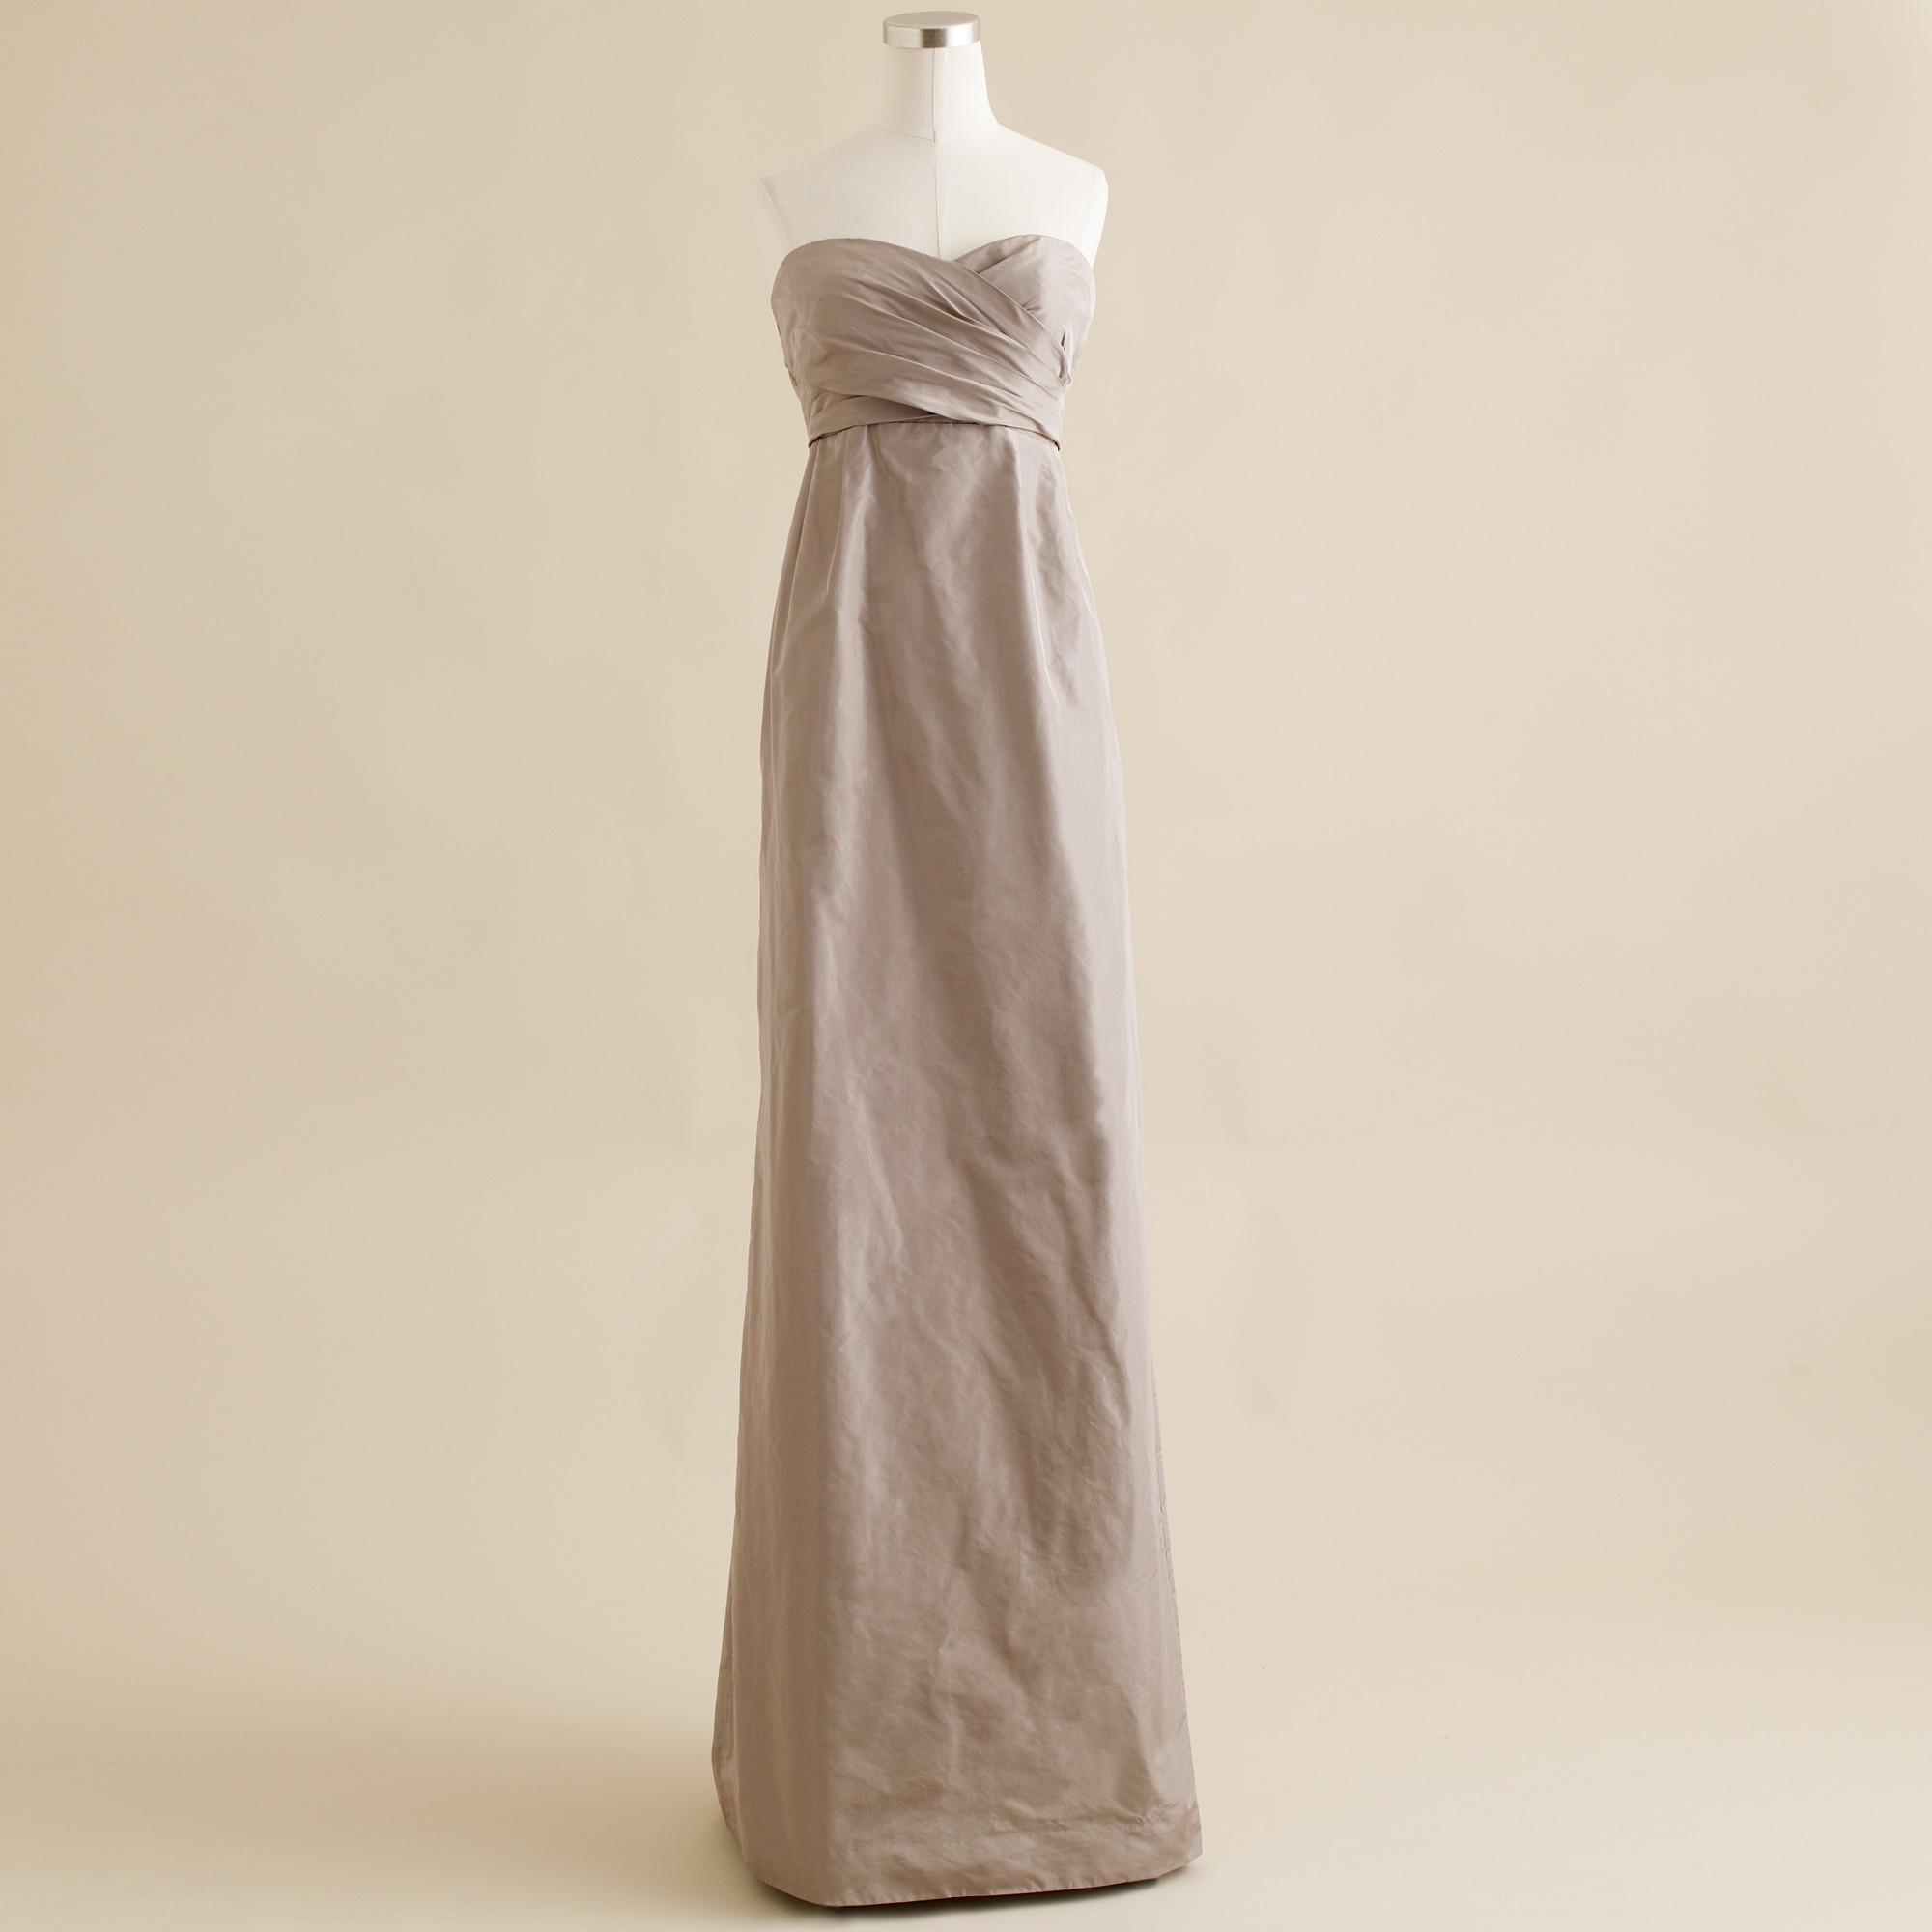 Lyst - J.Crew Arabelle Long Dress in Silk Taffeta in Gray